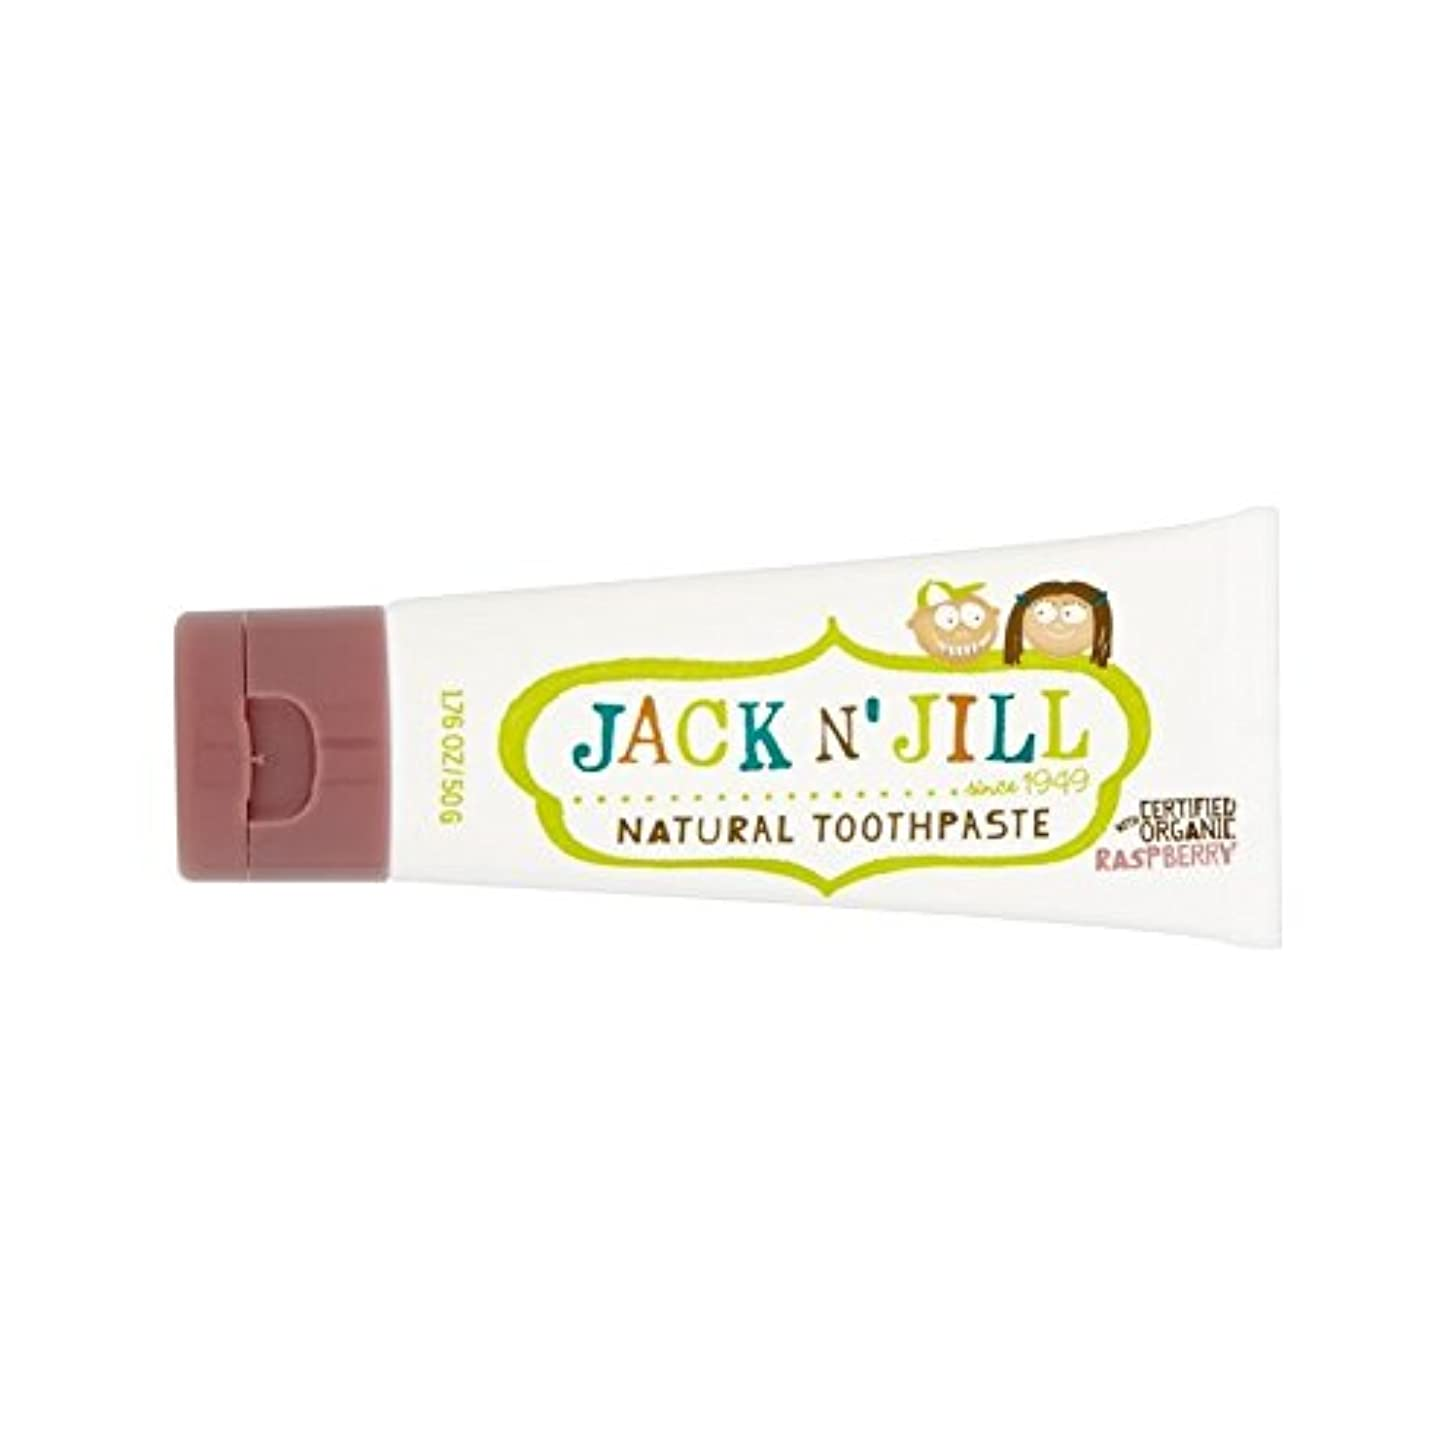 安定してはいけません人形有機香味50グラム天然ラズベリー歯磨き粉 (Jack N Jill) (x 6) - Jack N' Jill Raspberry Toothpaste Natural with Organic Flavouring 50g (Pack of 6) [並行輸入品]